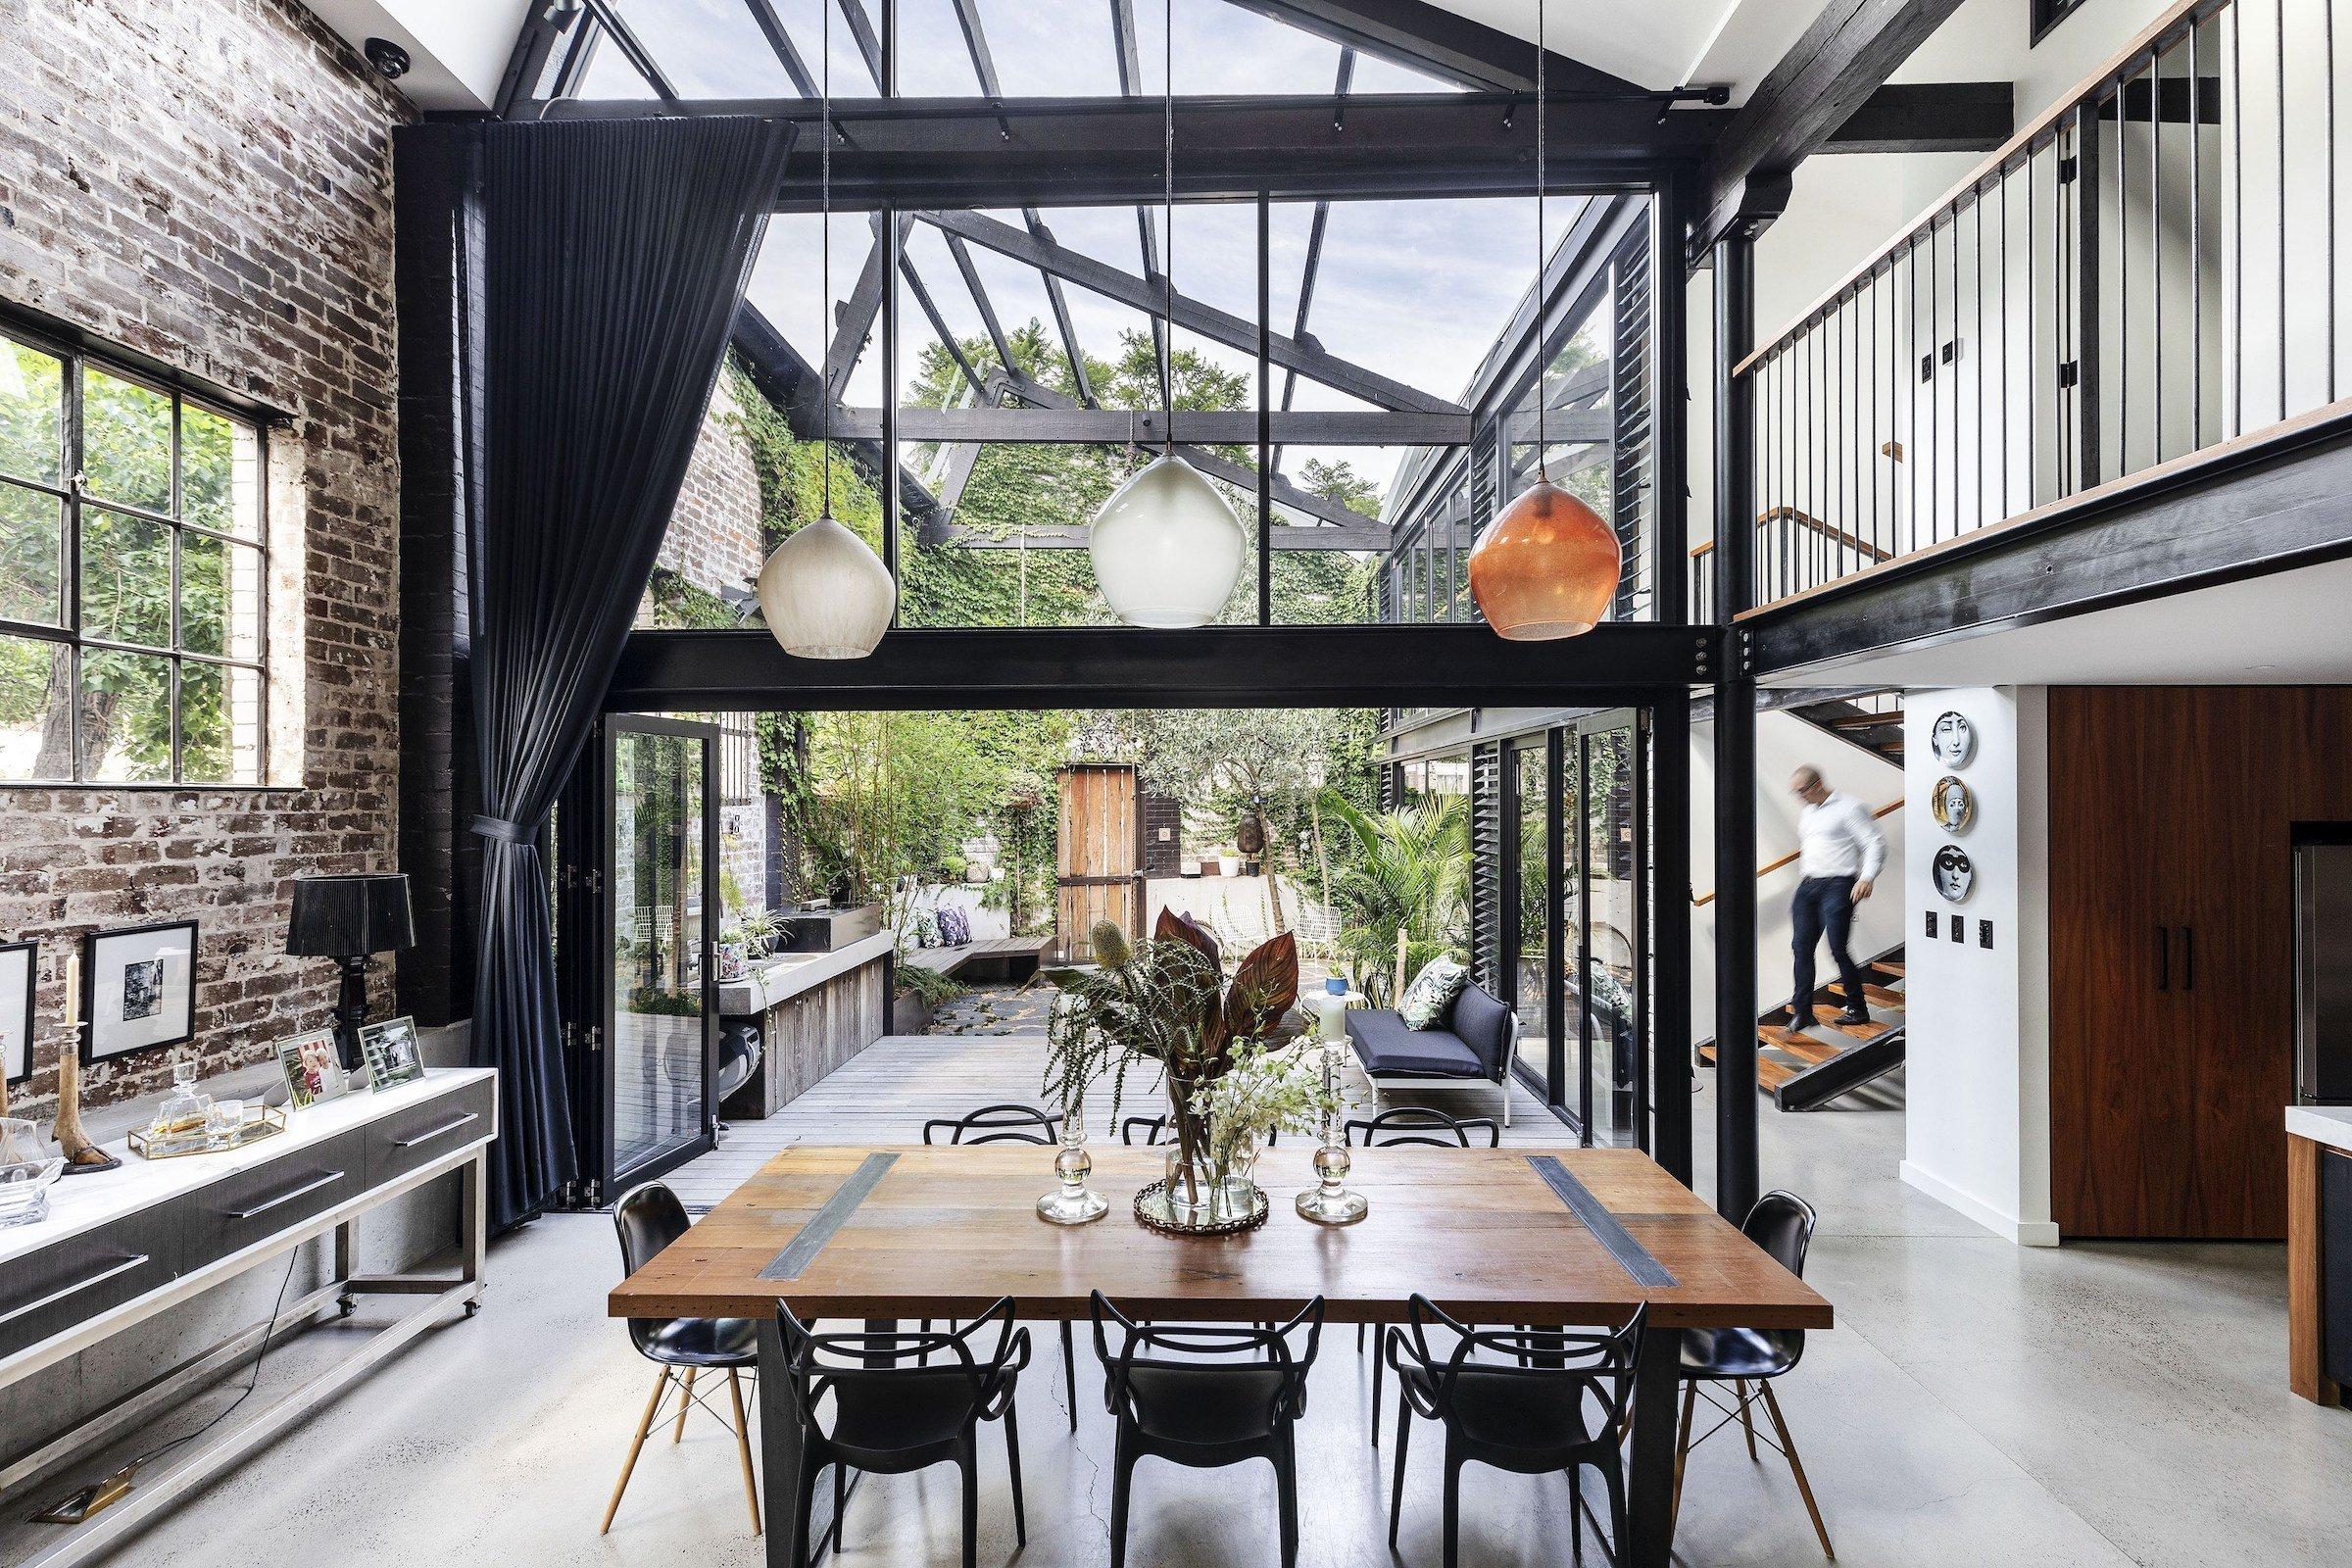 Vydejte se s námi na cesty a vychutnejte si koktejl plný inspirace! Při našich toulkách architekturou navštívíme tentokrát osobitý interiér v Sydney, ve kterém se drsné industriální prvky mísí s hřejivým stylem ze severu. Pro někoho divočina, pro nás energický interiér říznutý atmosférou průmyslových továren i uměleckých galerií.